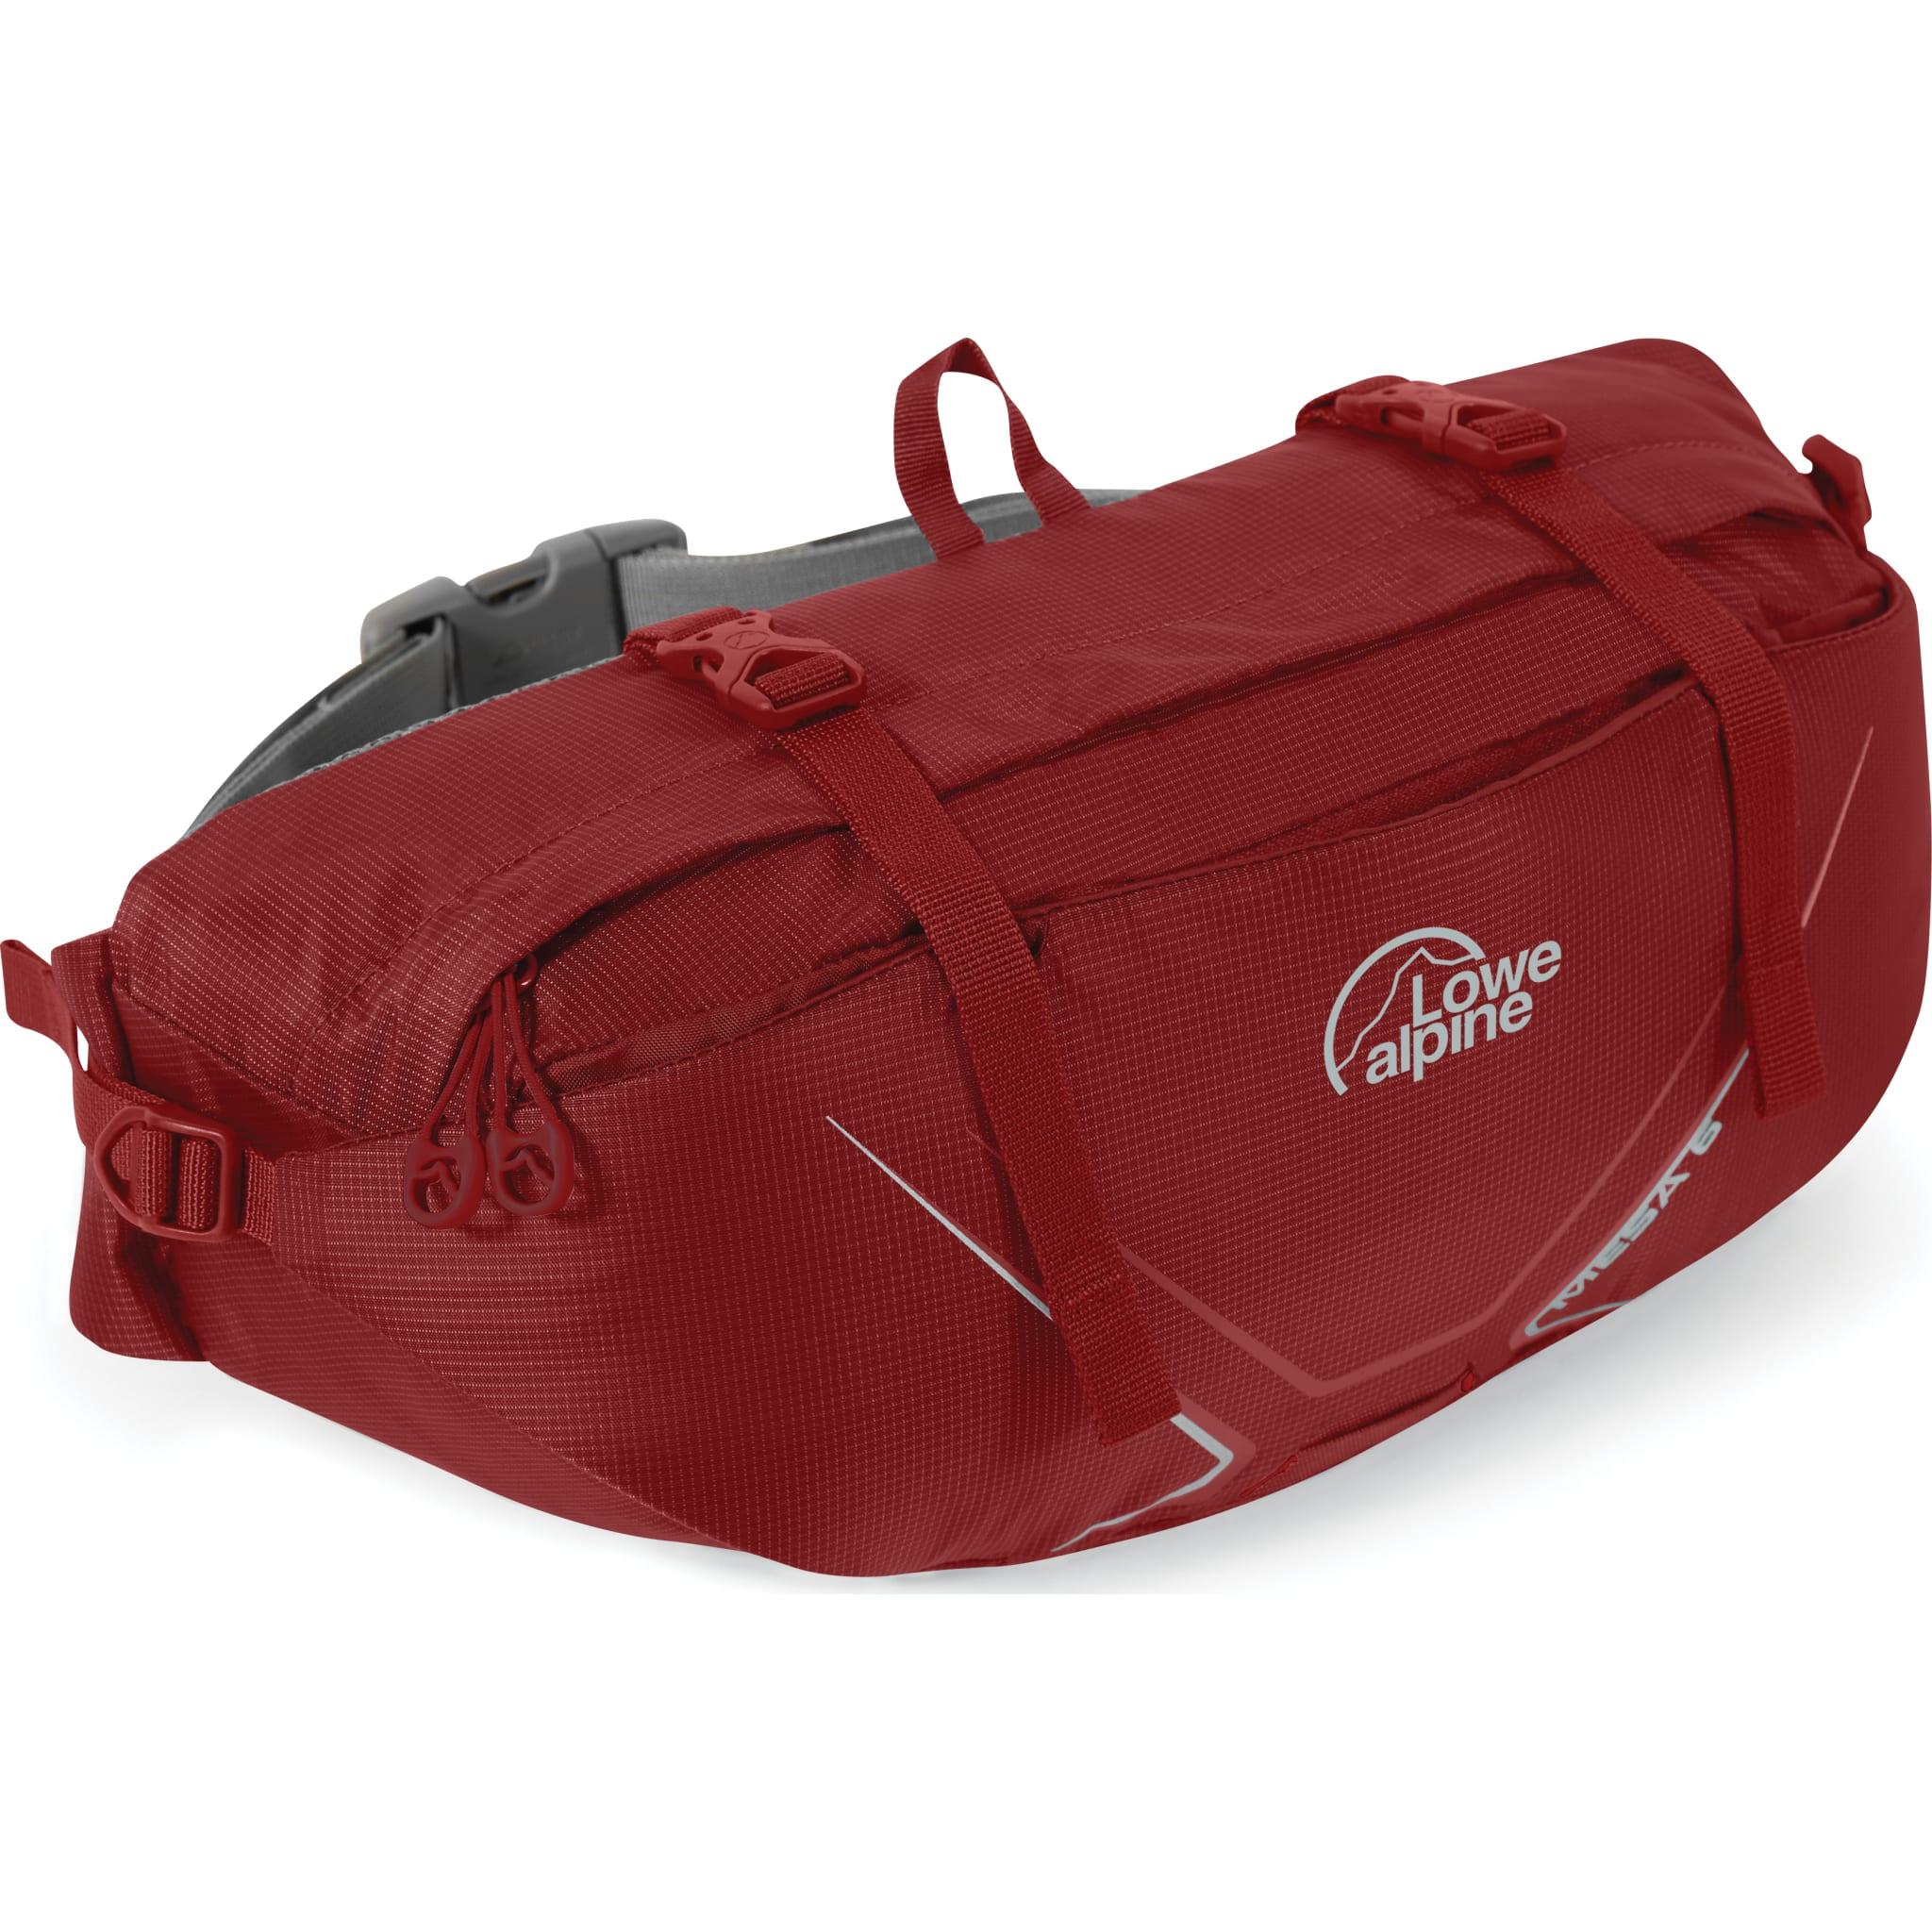 Komfortabel rumpetaske med kompresjonsreimer og utvendig lomme